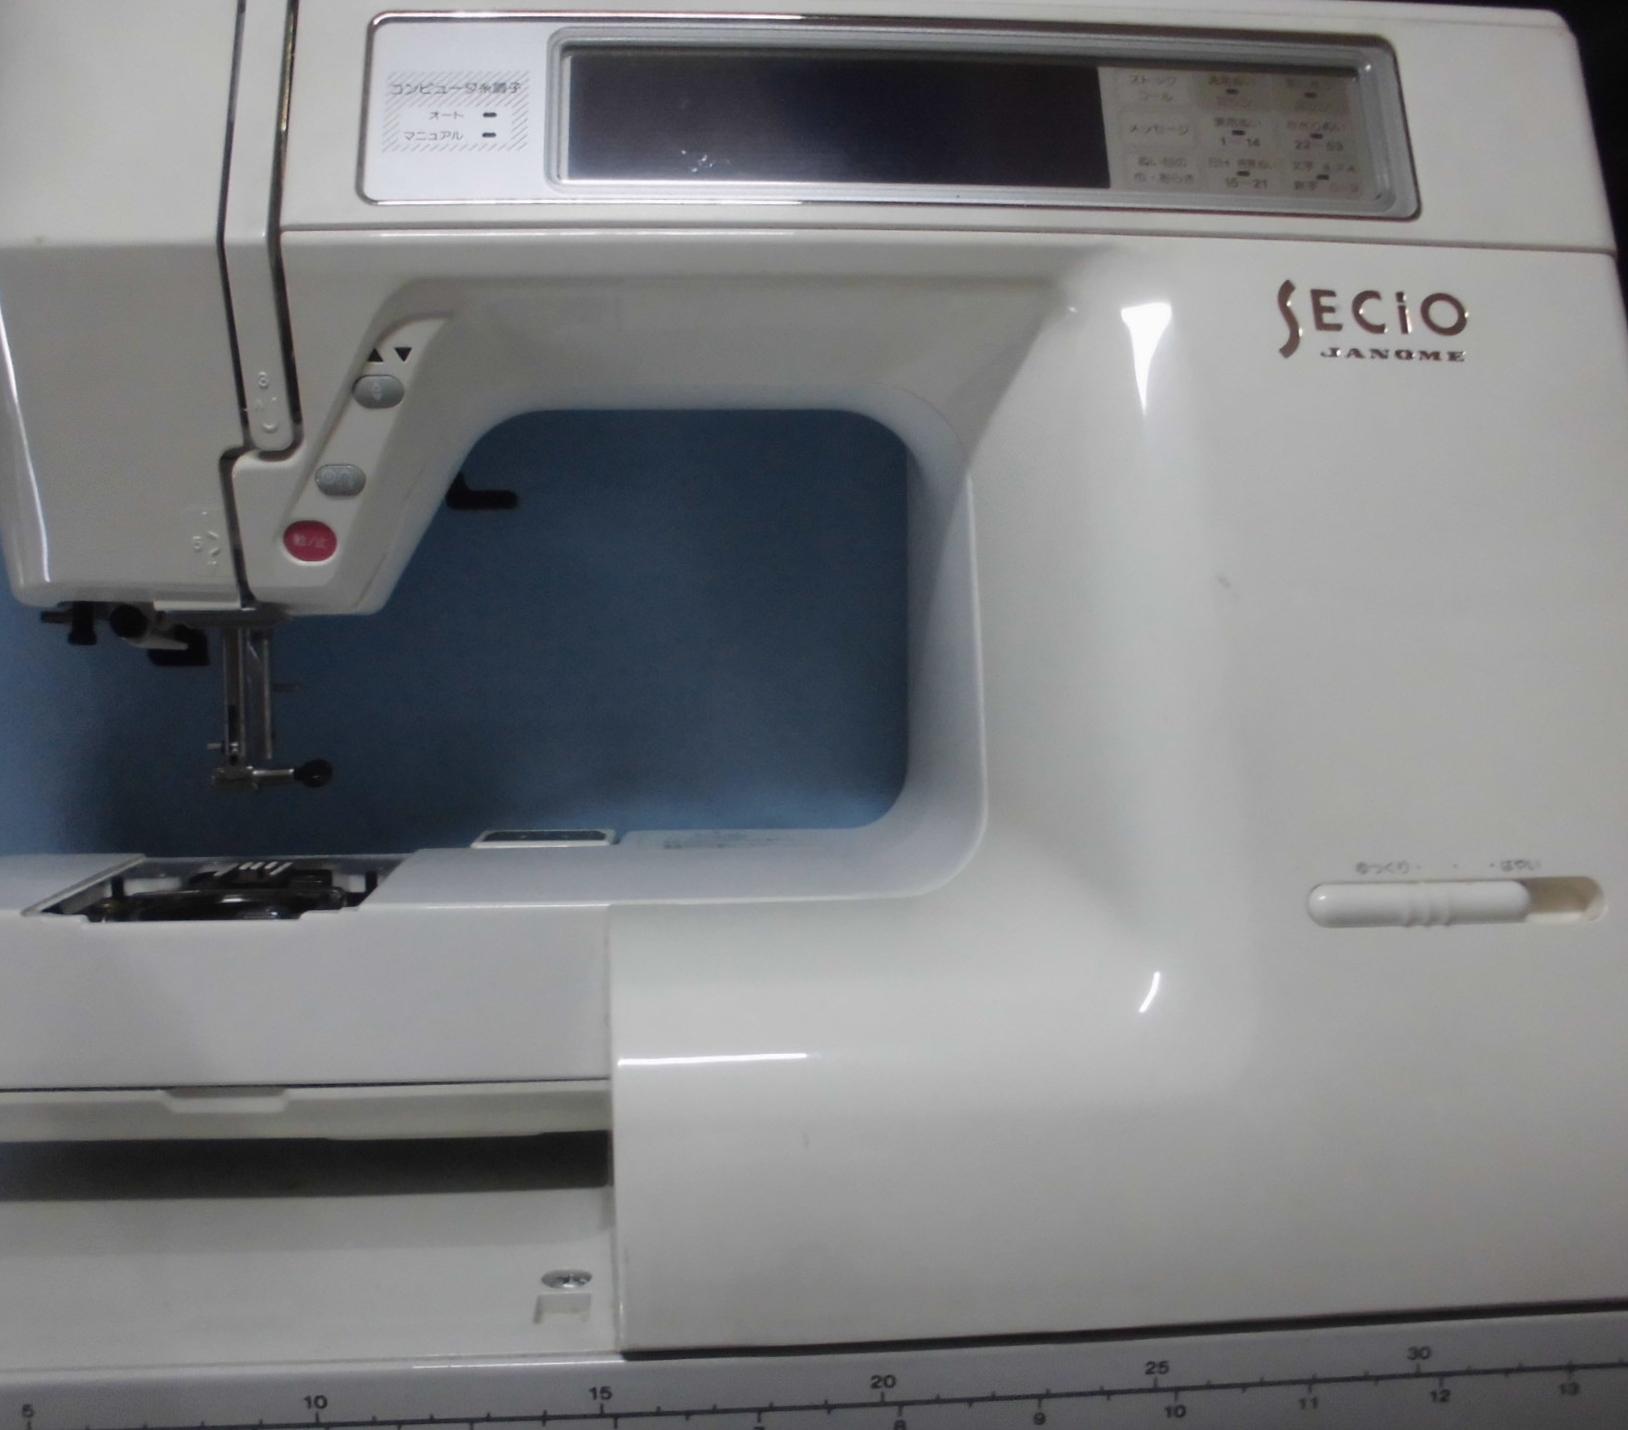 JANOMEミシン修理|SECIO8210|ステッピングモーターエラー、液晶が暗い